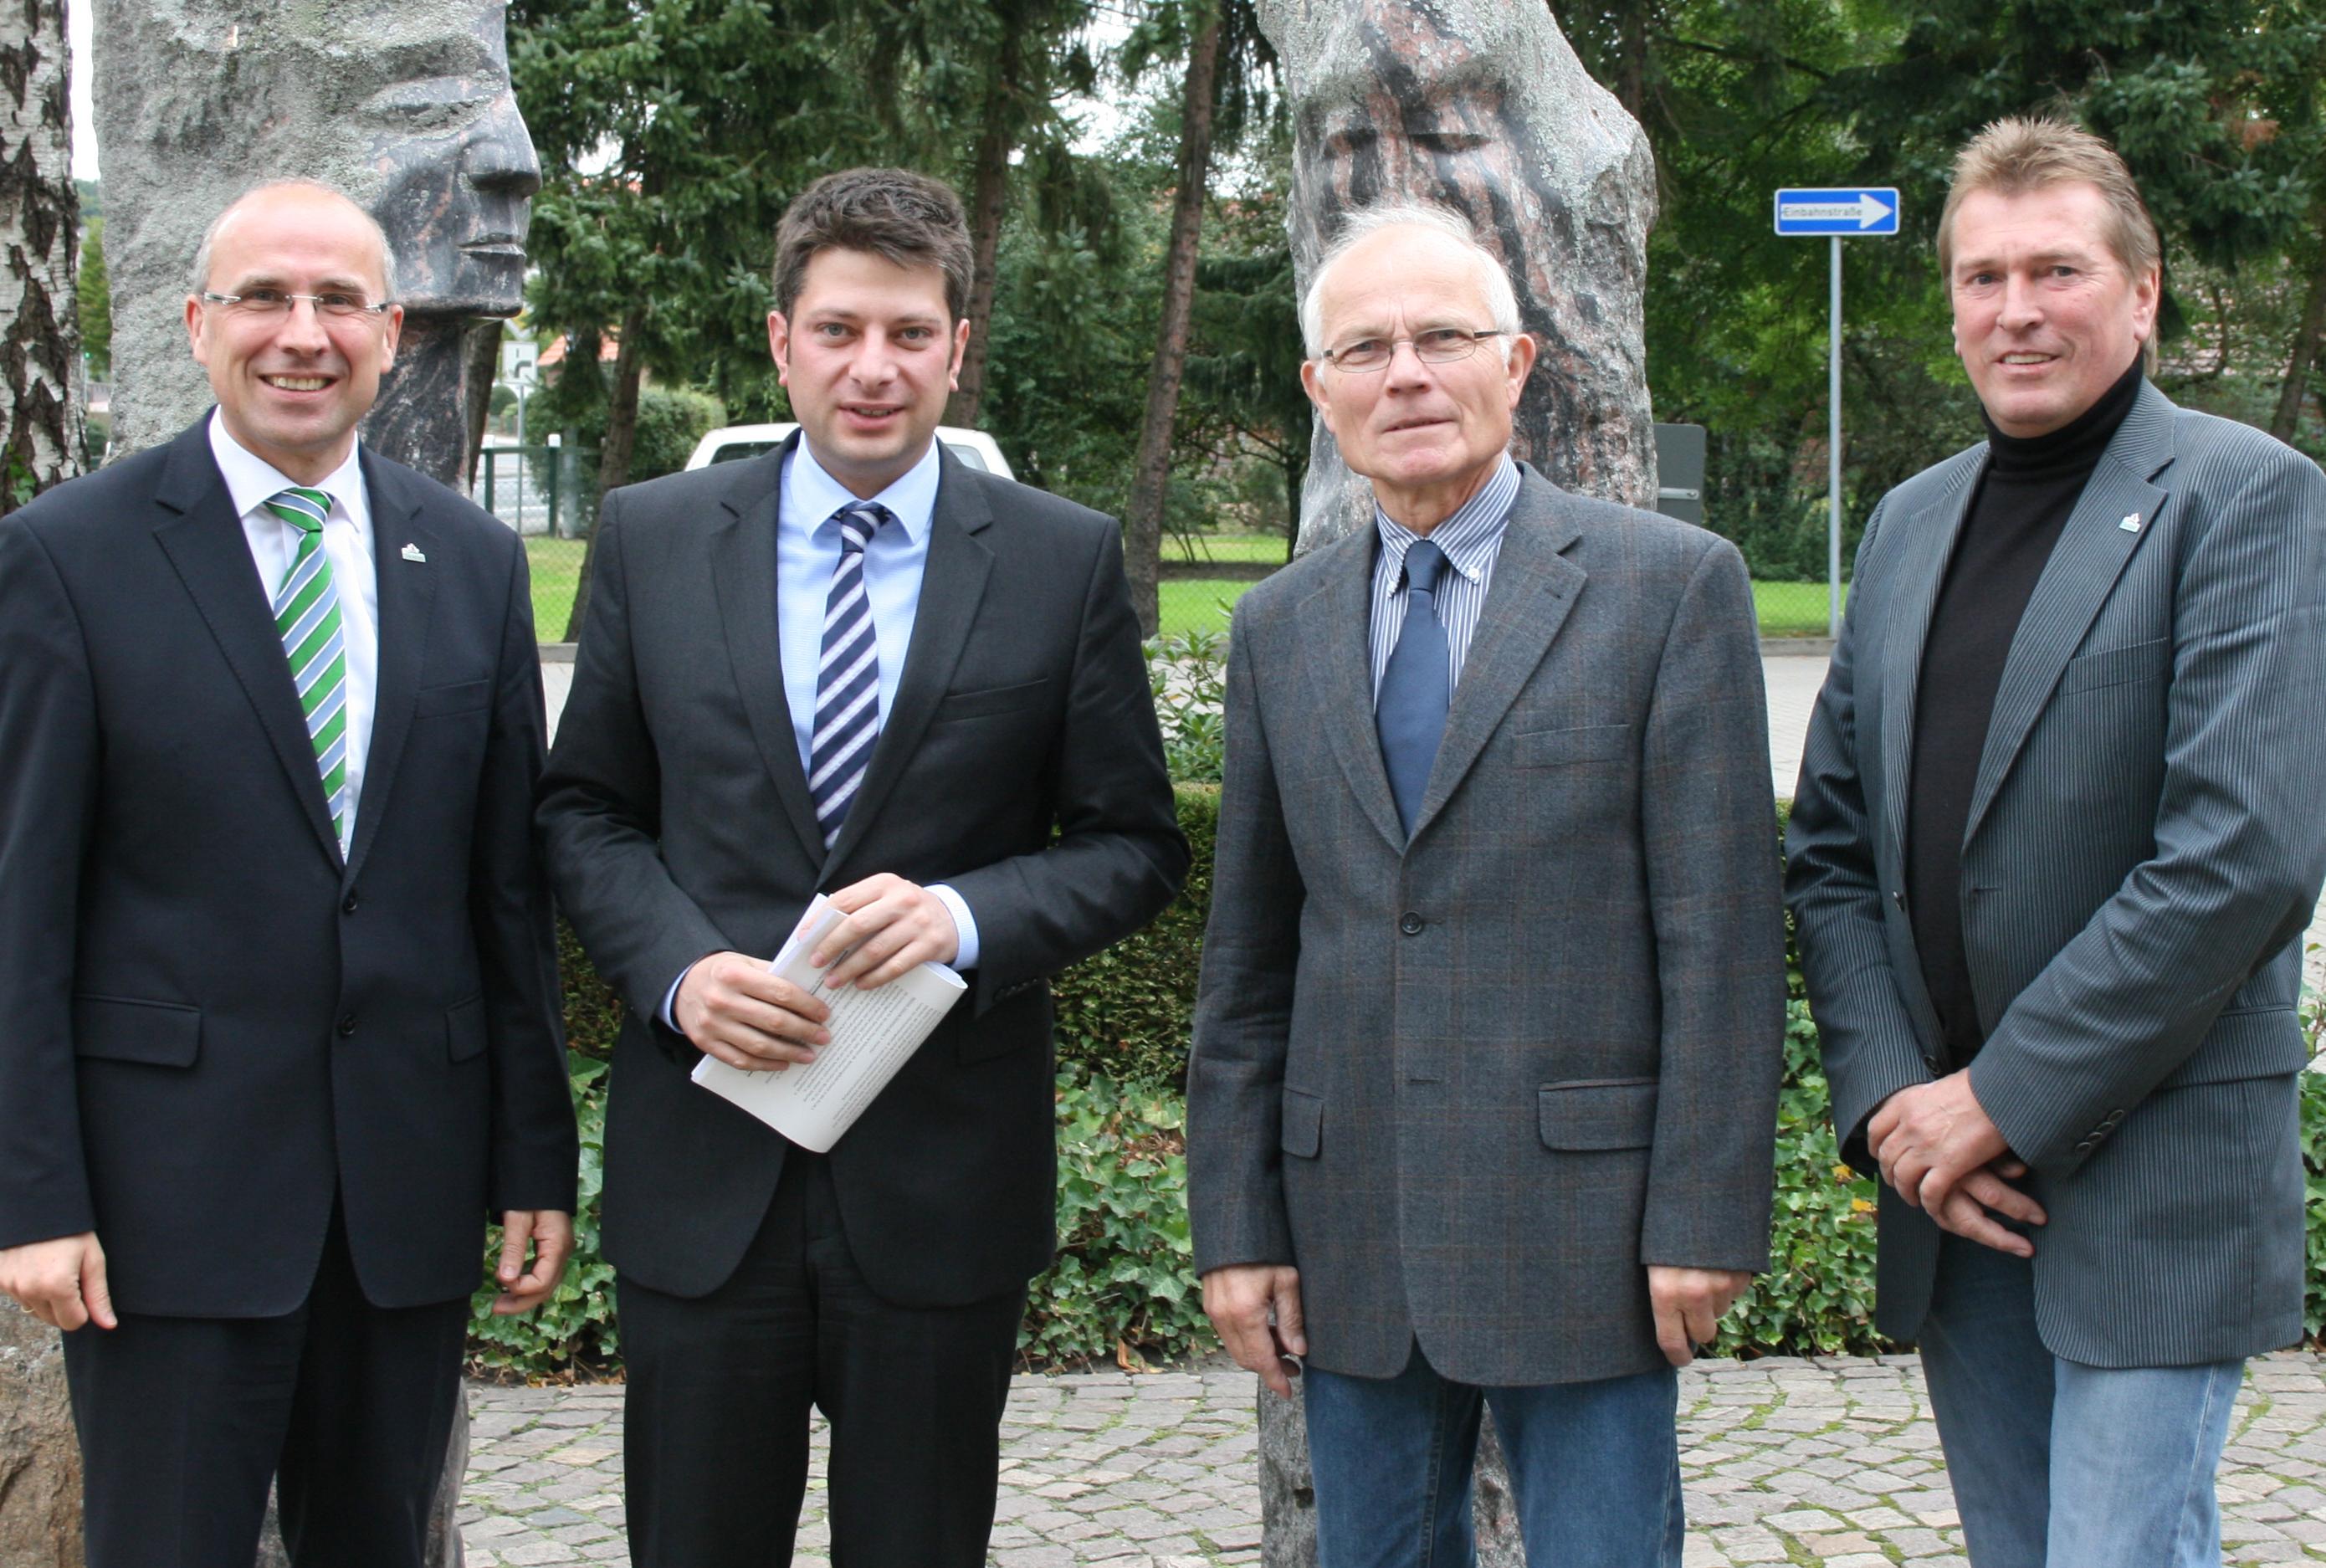 2013 zu Besuch beim Bürgermeister in Damme: Bürgermeister Gerd Muhle, Landtagsabgeordneter Christian Calderone, CDU-Fraktionsvorsitzender Hugo Giese, stellvertretender CDU-Vorsitzender Andreas Herzog!